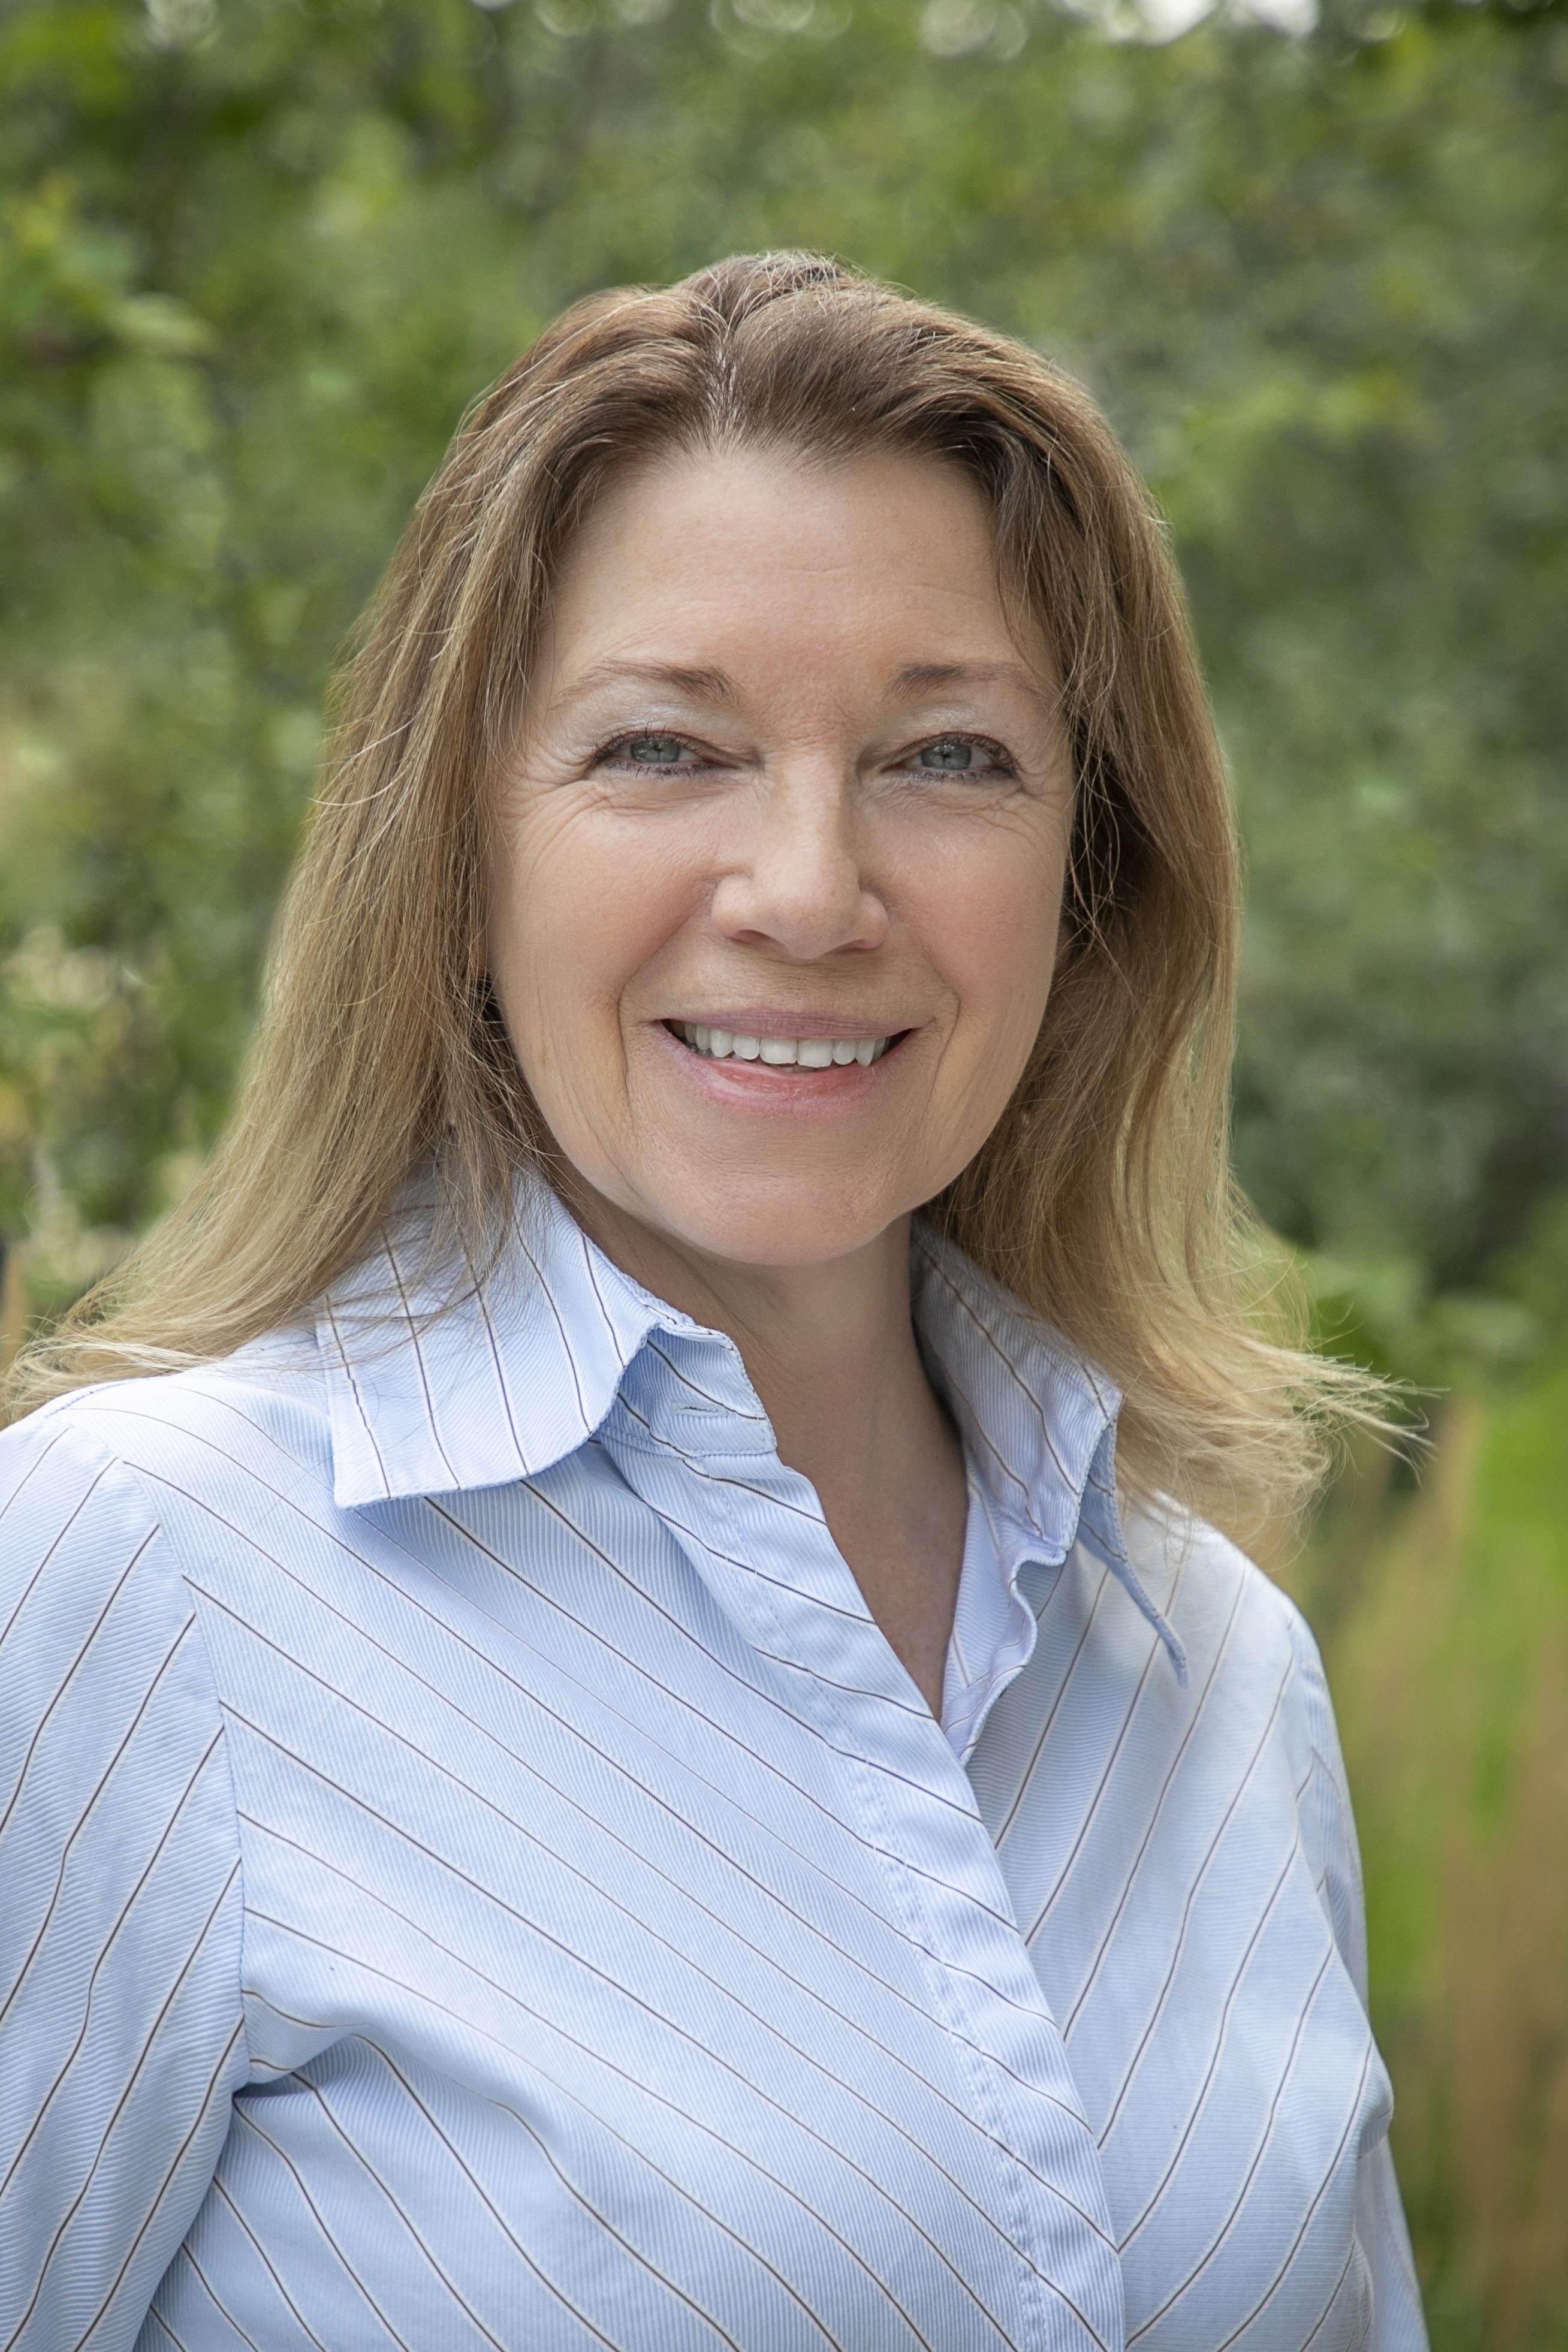 Gail Kerns